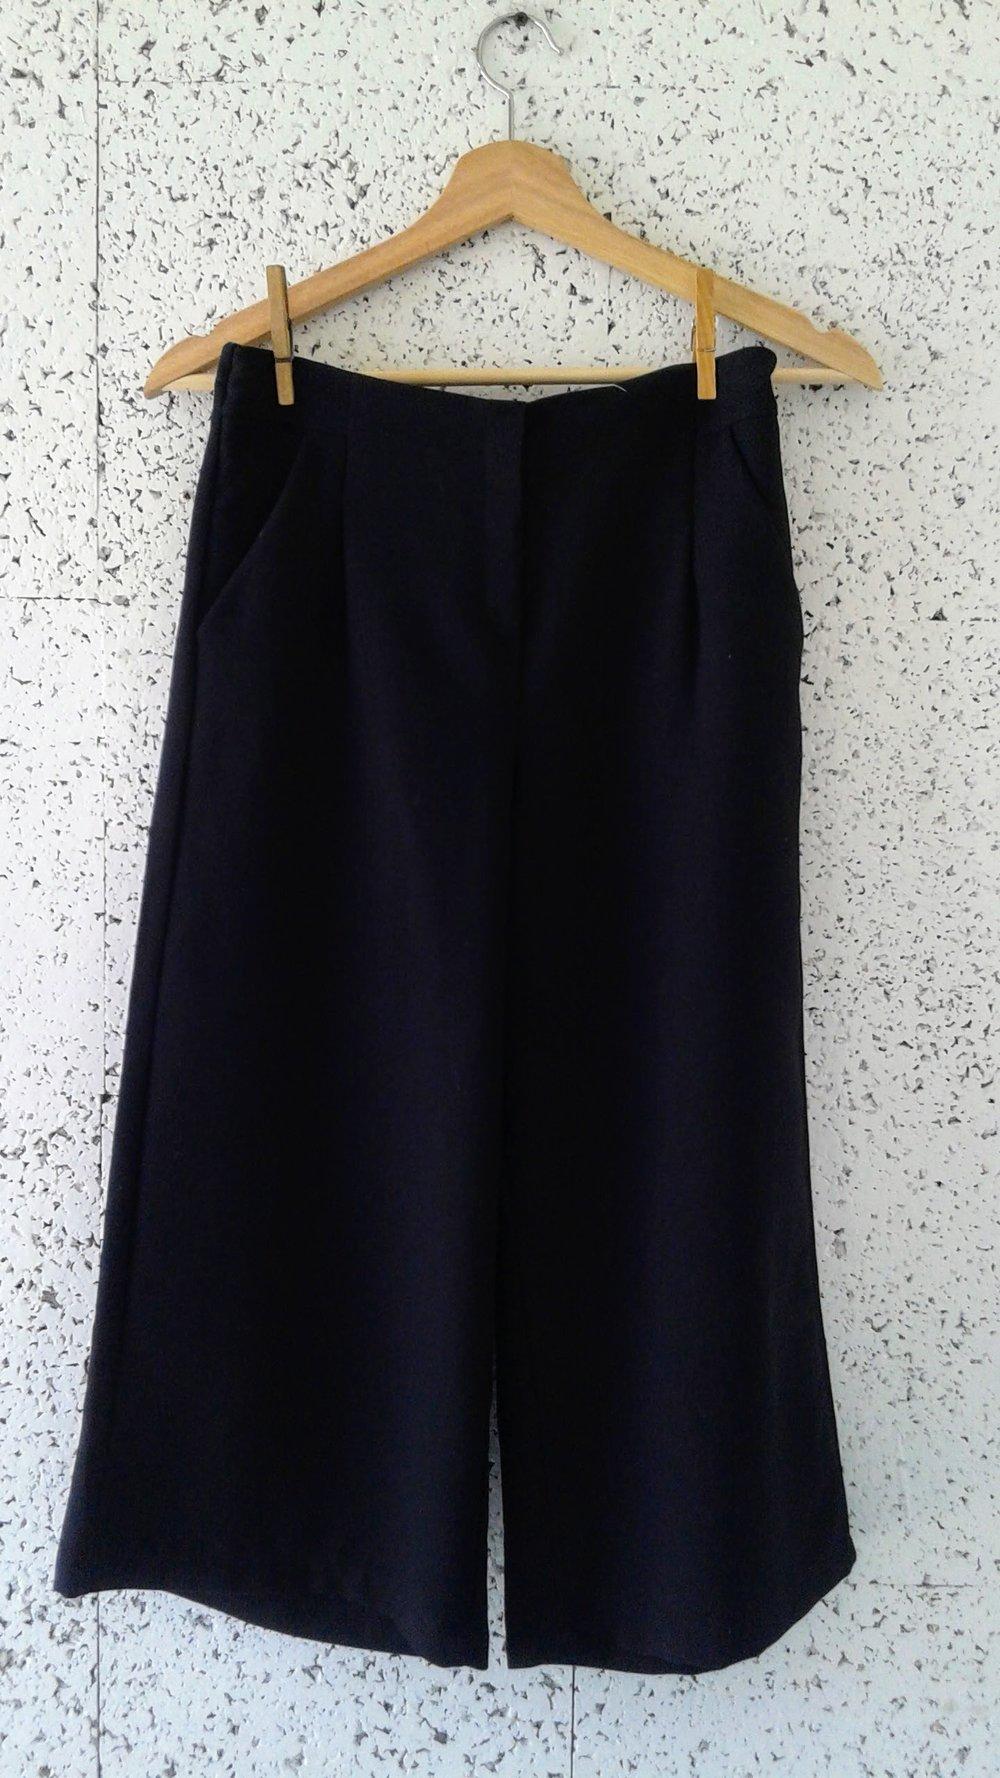 Noul pants; Size S, $30